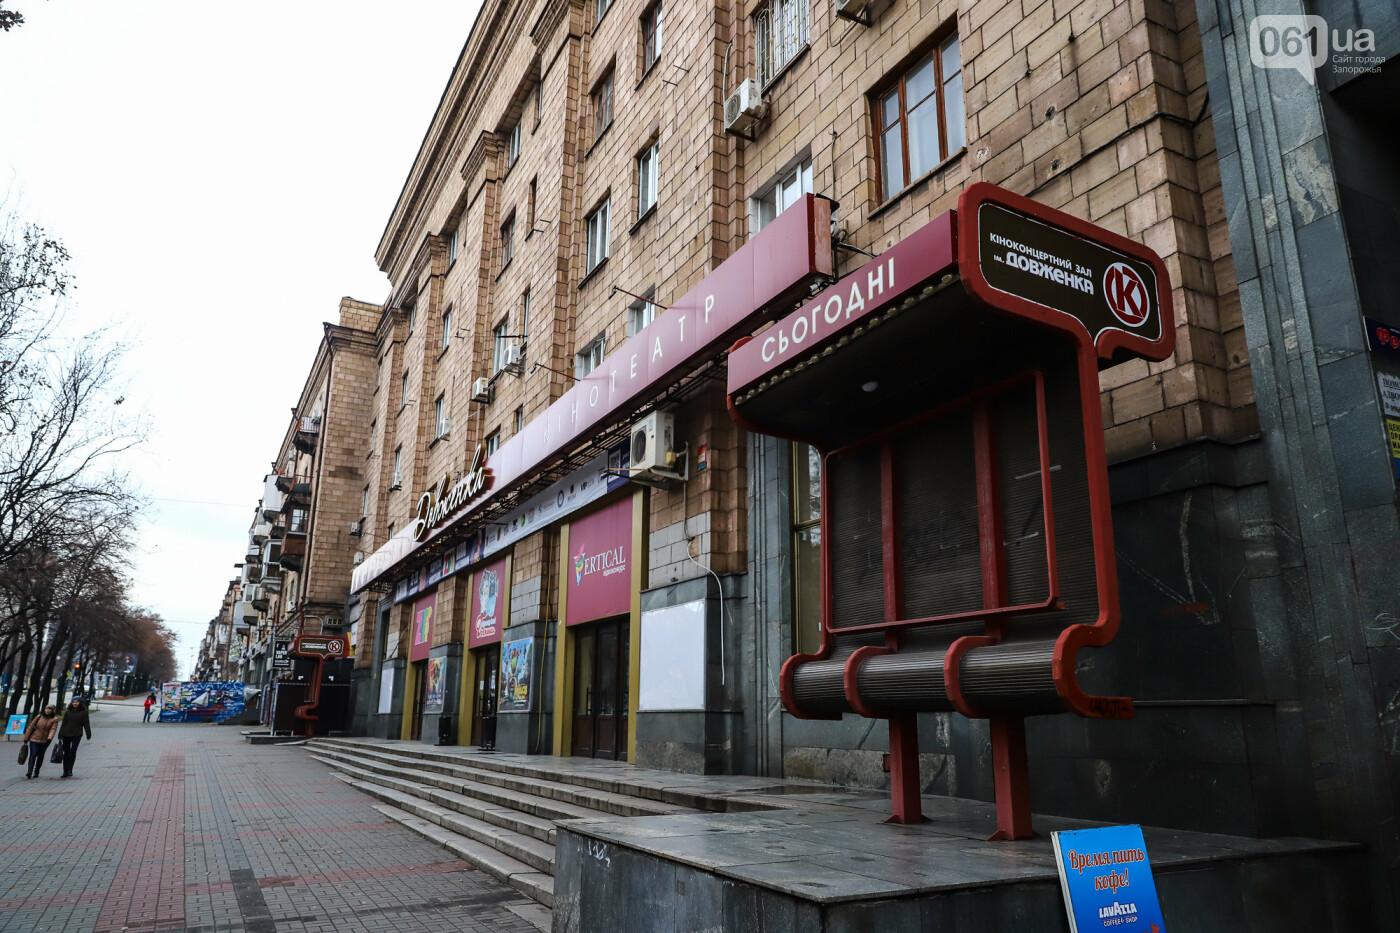 Защитные ленты на товарах, неработающие ТРЦ и полузакрытые рынки – фоторепортаж о первом дне локдауна в Запорожье, фото-3